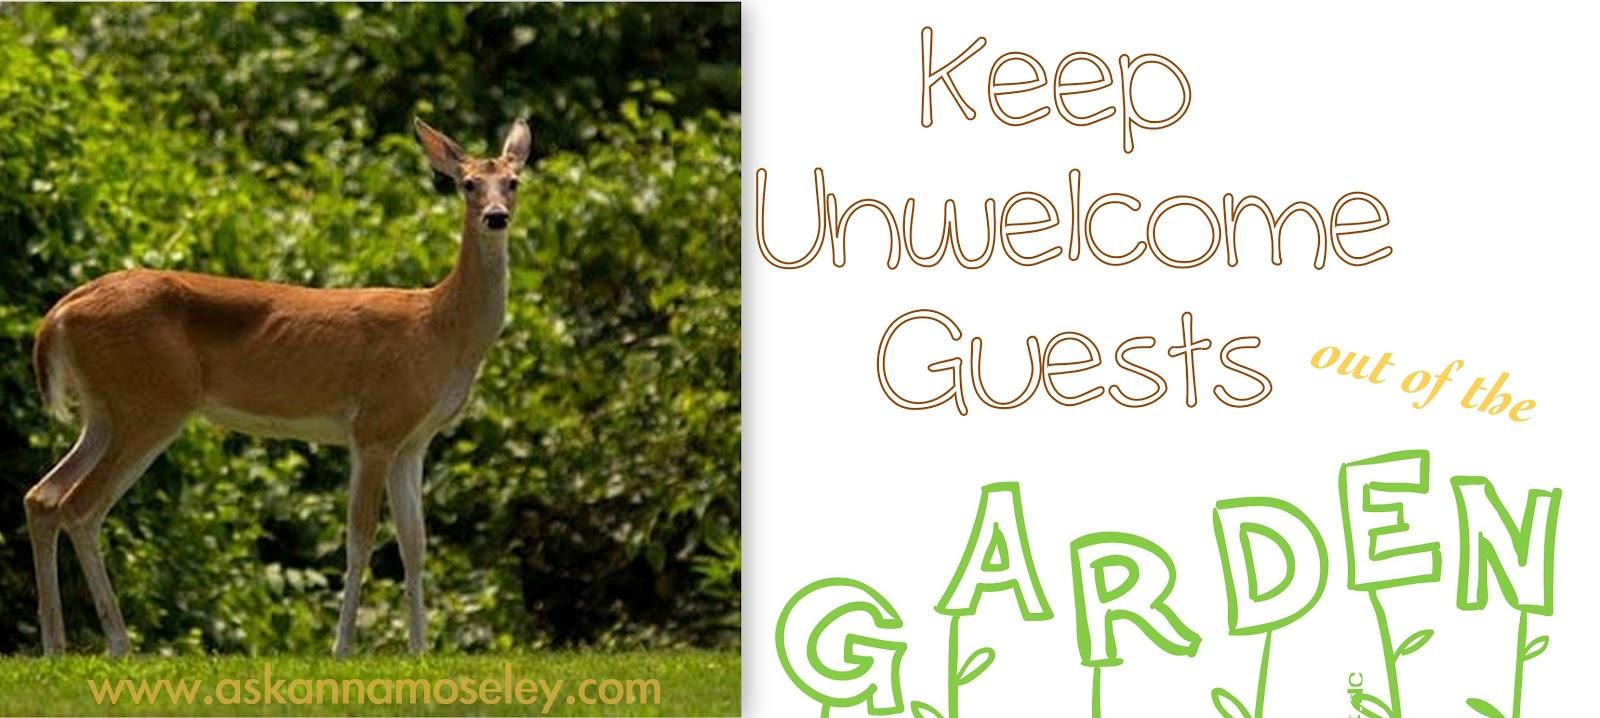 vinegar uses how to get rid of deer u0026 keeping flowers fresh ask